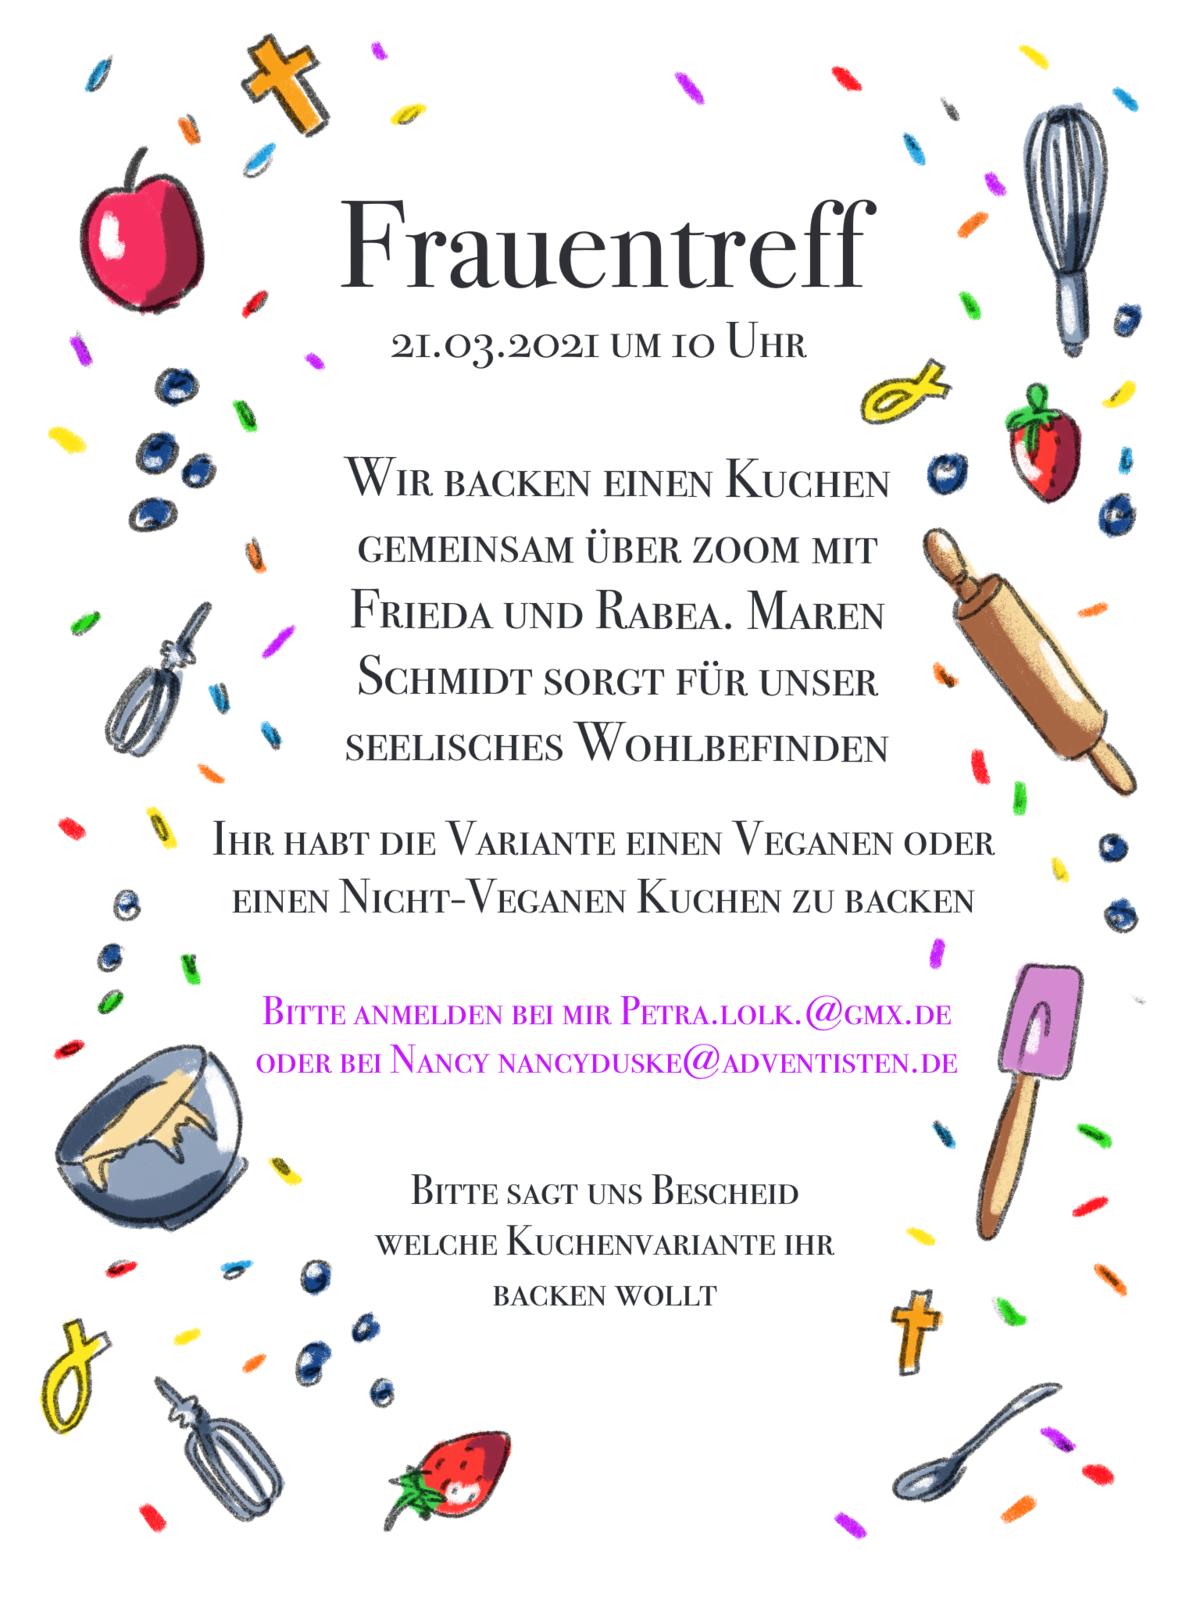 2021_03_21_Zoom_Frauenfrühstück_Lübeck.png